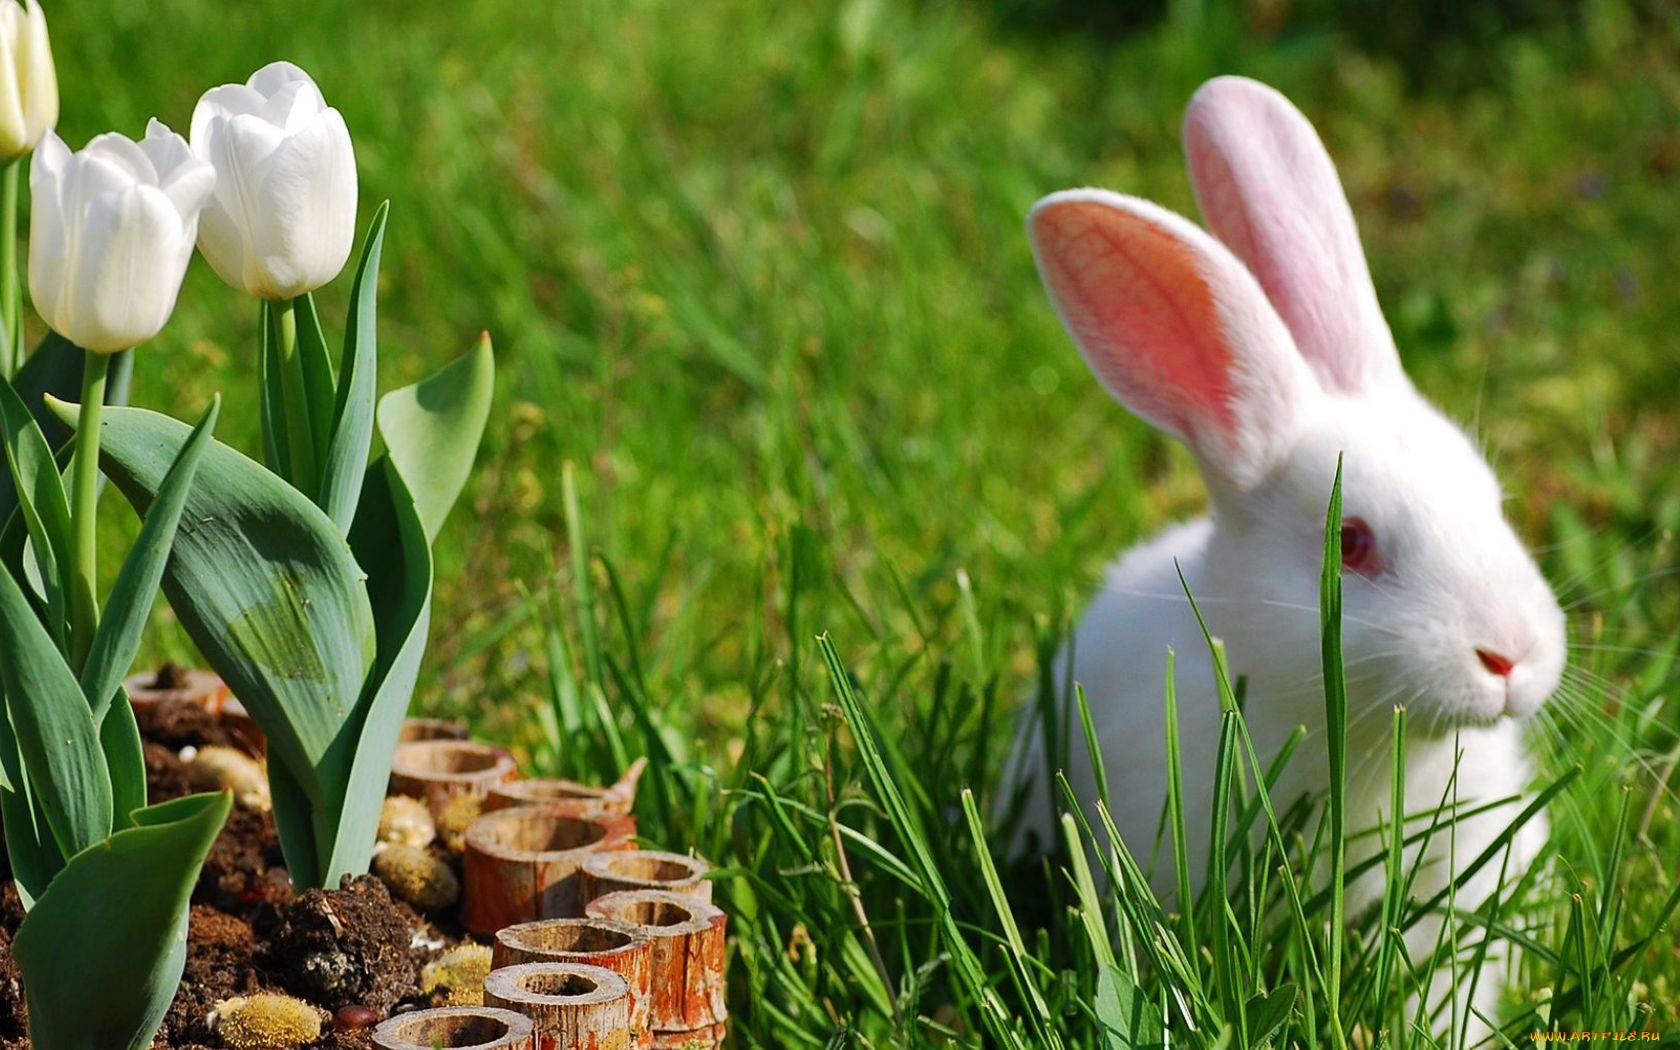 Обои на рабочий стол весна животные и природа